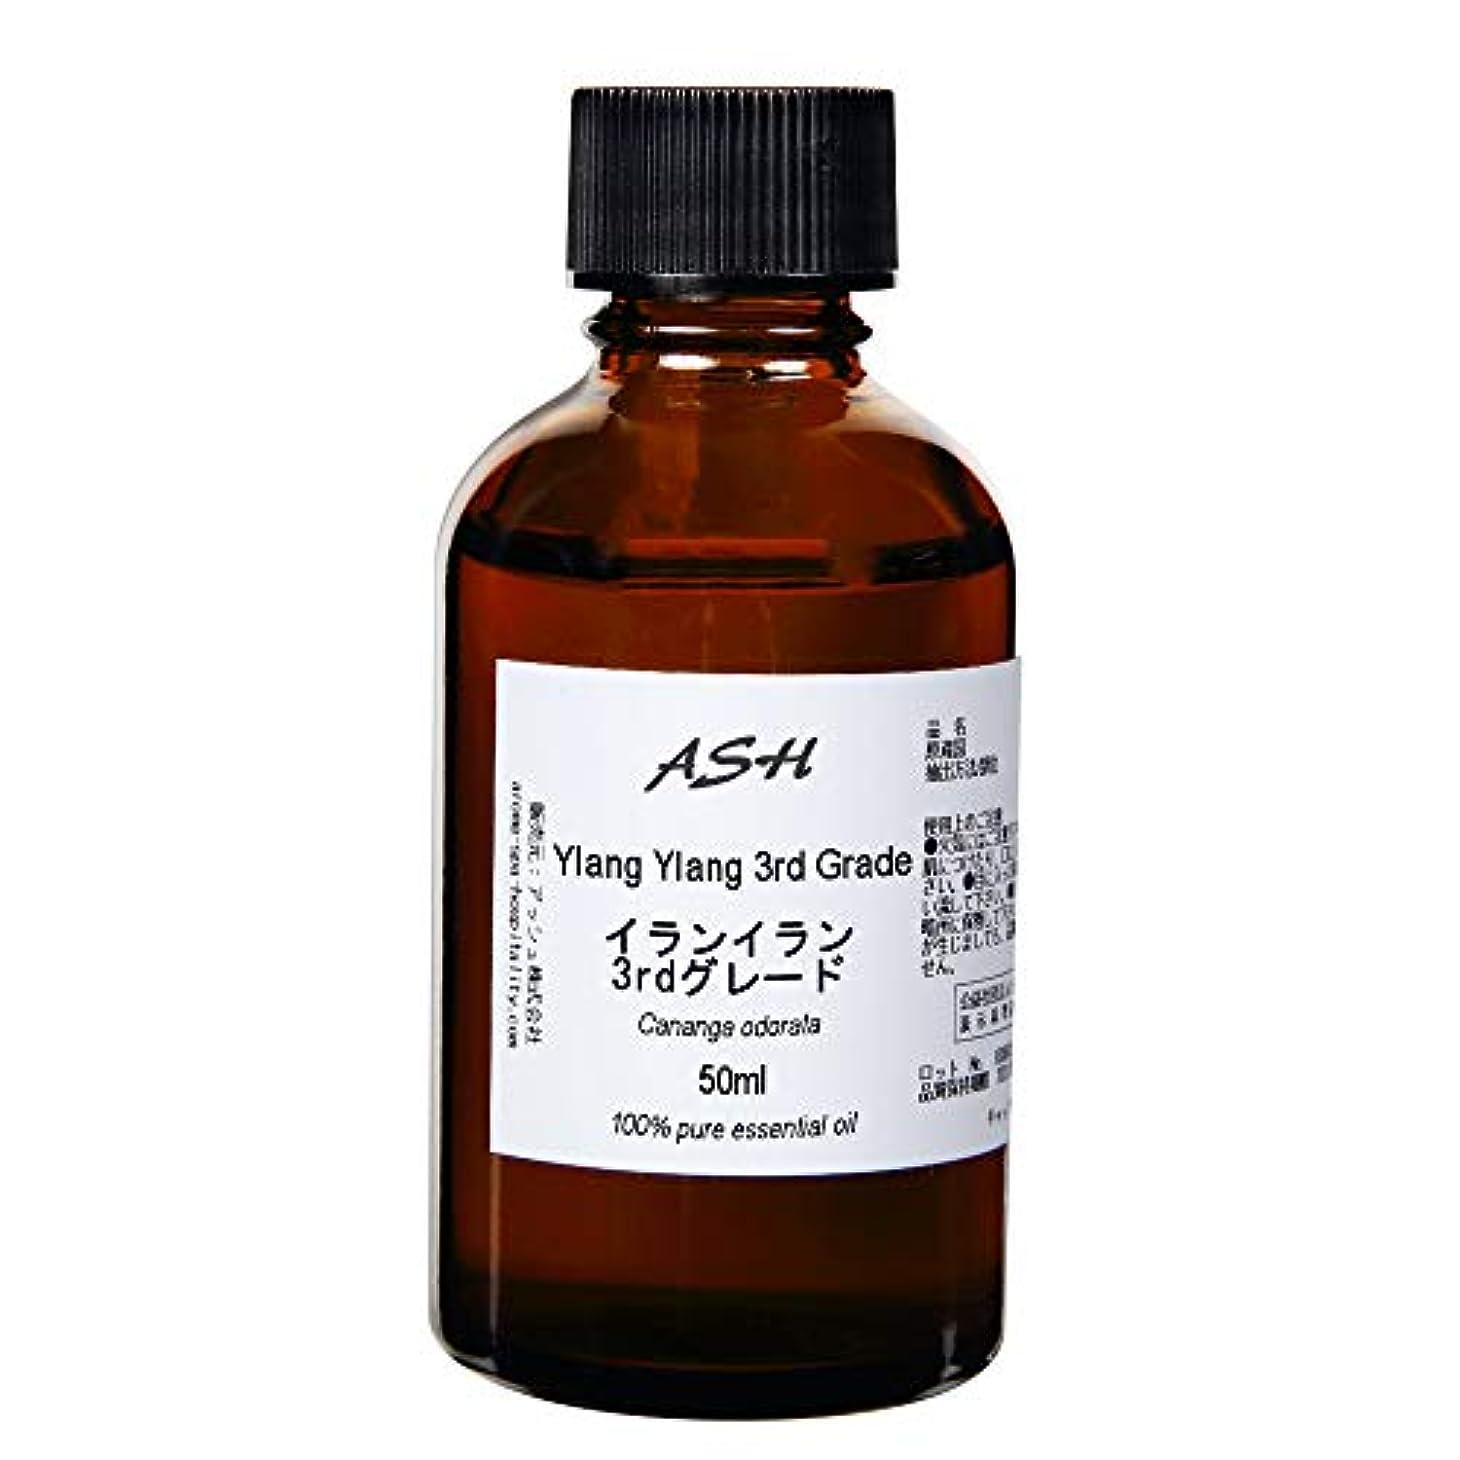 ログ顕著戦争ASH イランイラン 3rdグレード エッセンシャルオイル 50ml AEAJ表示基準適合認定精油